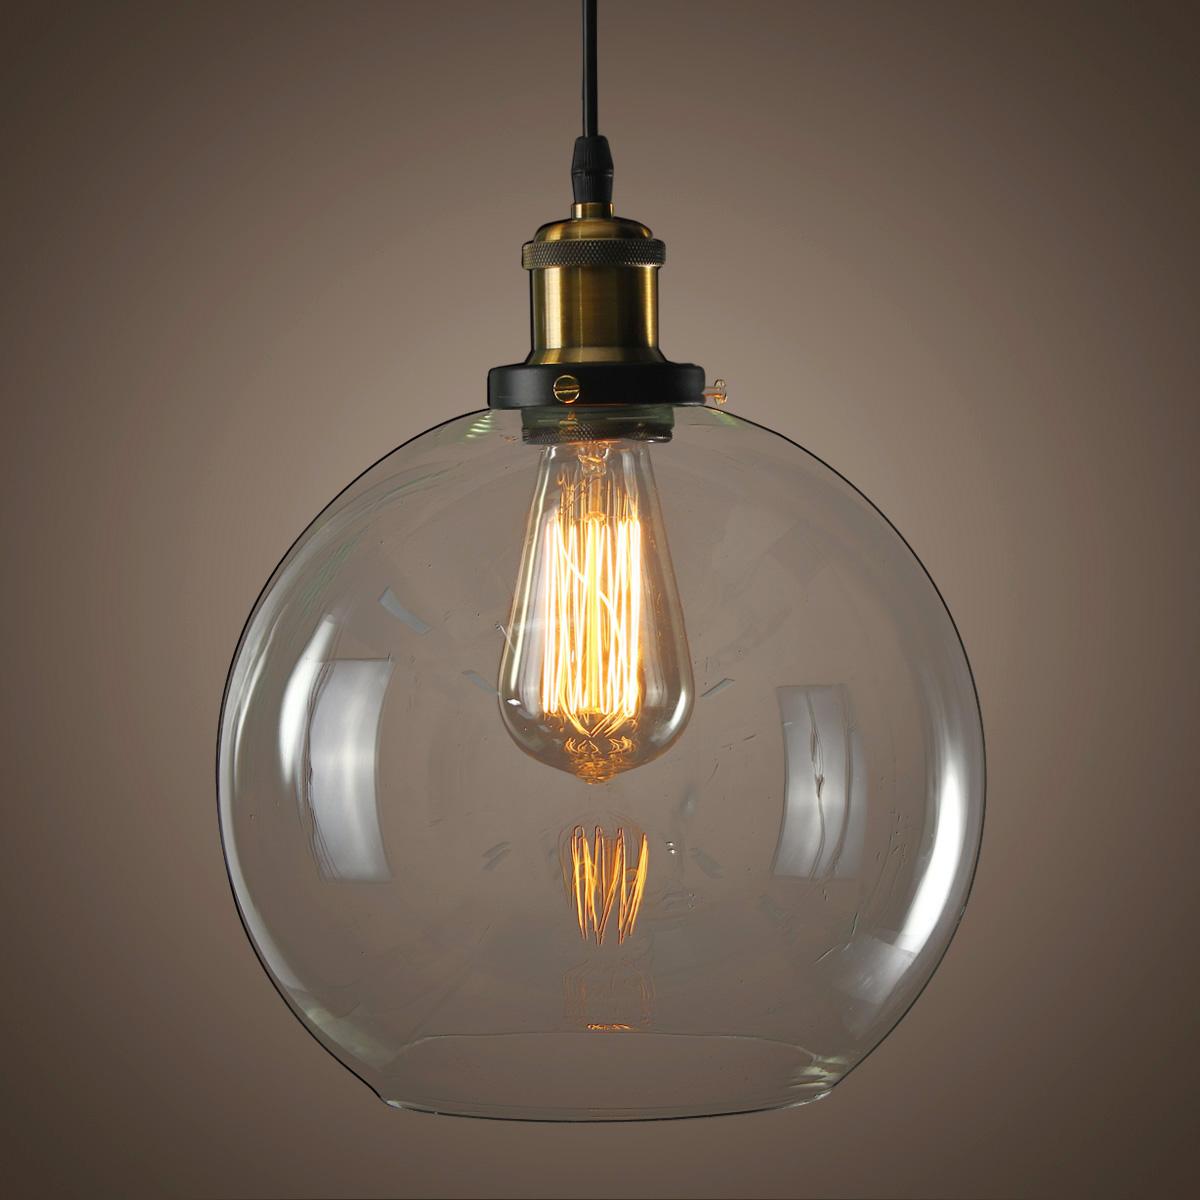 Modern Vintage Hanging Glass Ceiling Pendant Light Chandelier